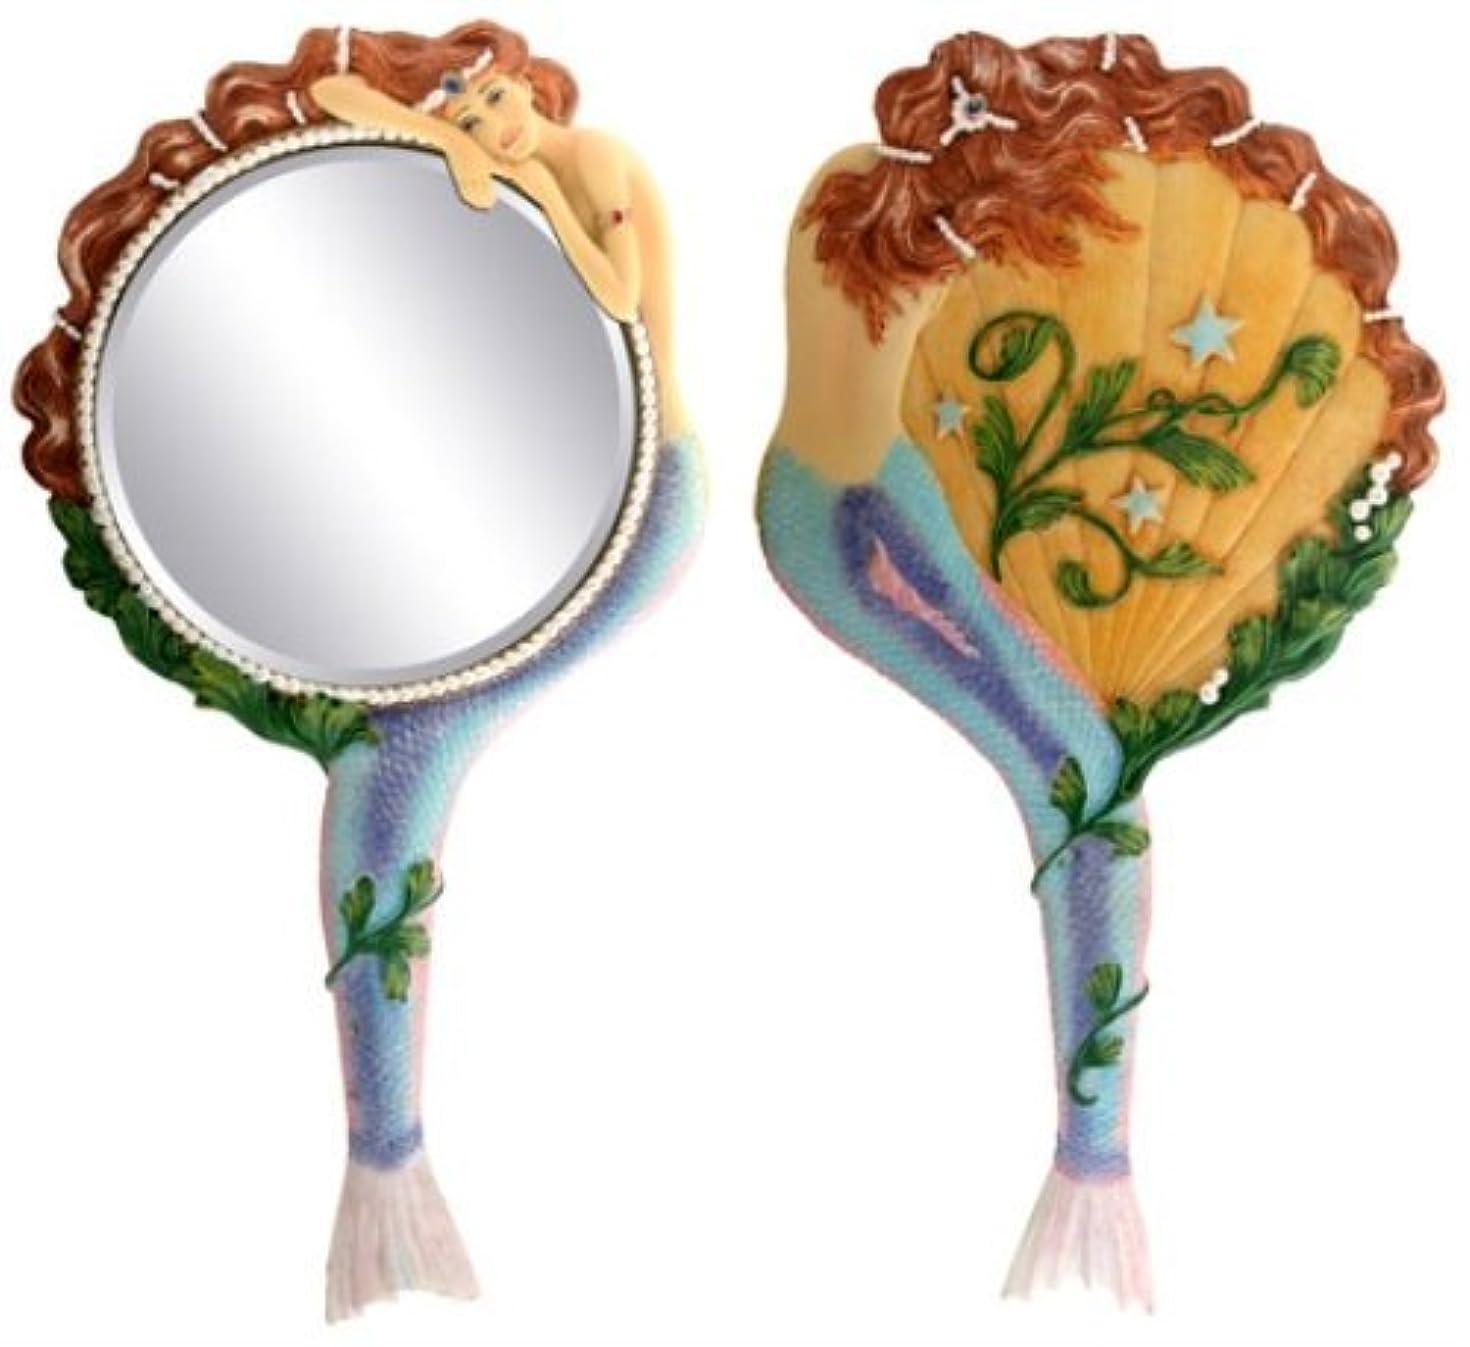 非常に怒っています恥ずかしさハンディキャップMermaid Hand Mirror Collectible Sea Nymph Decoration Figurine by Summit